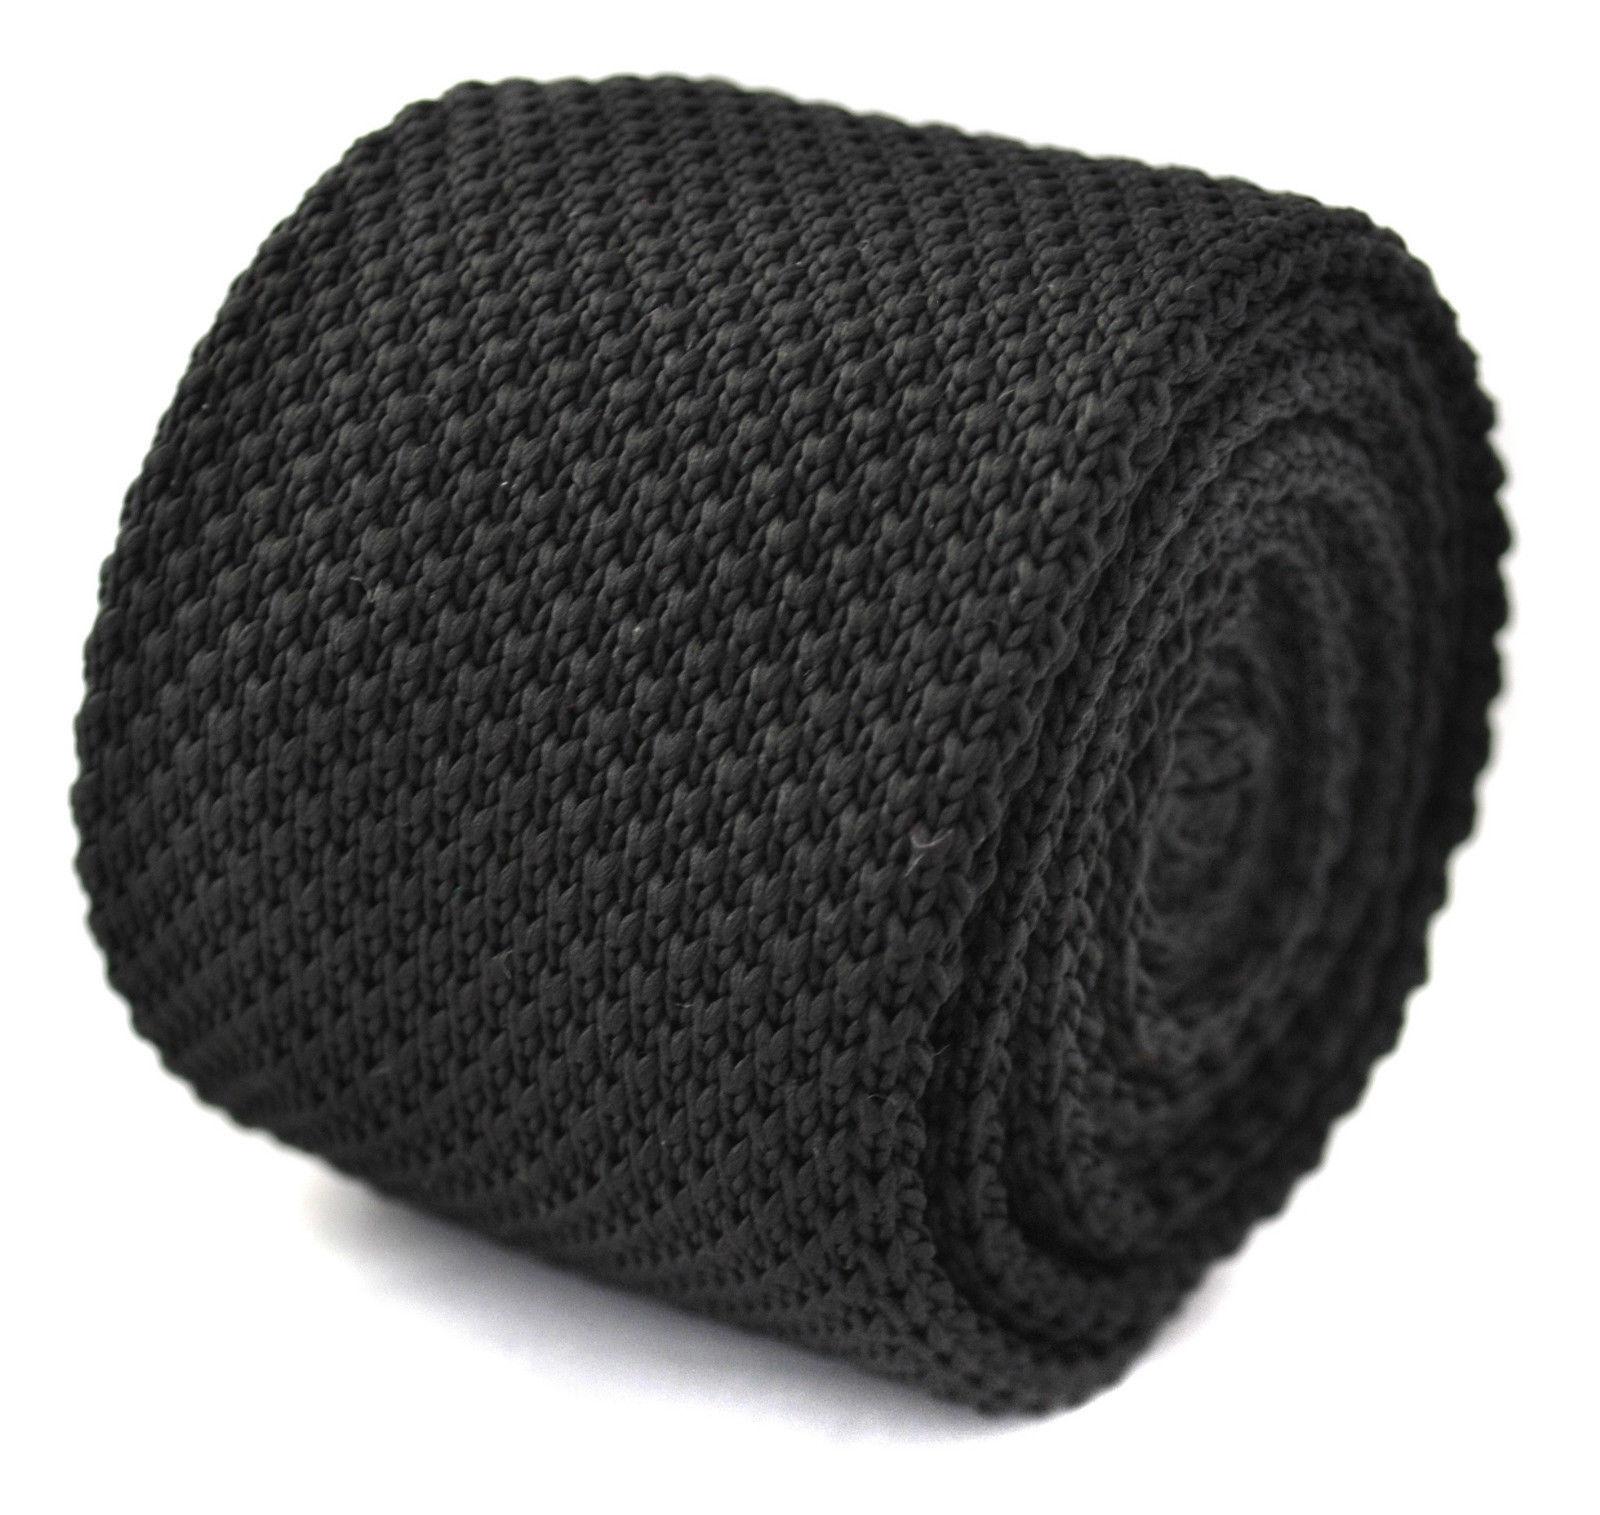 assorties Cravate en maille et Poche Carré Noir PAR FREDERICK THOMAS